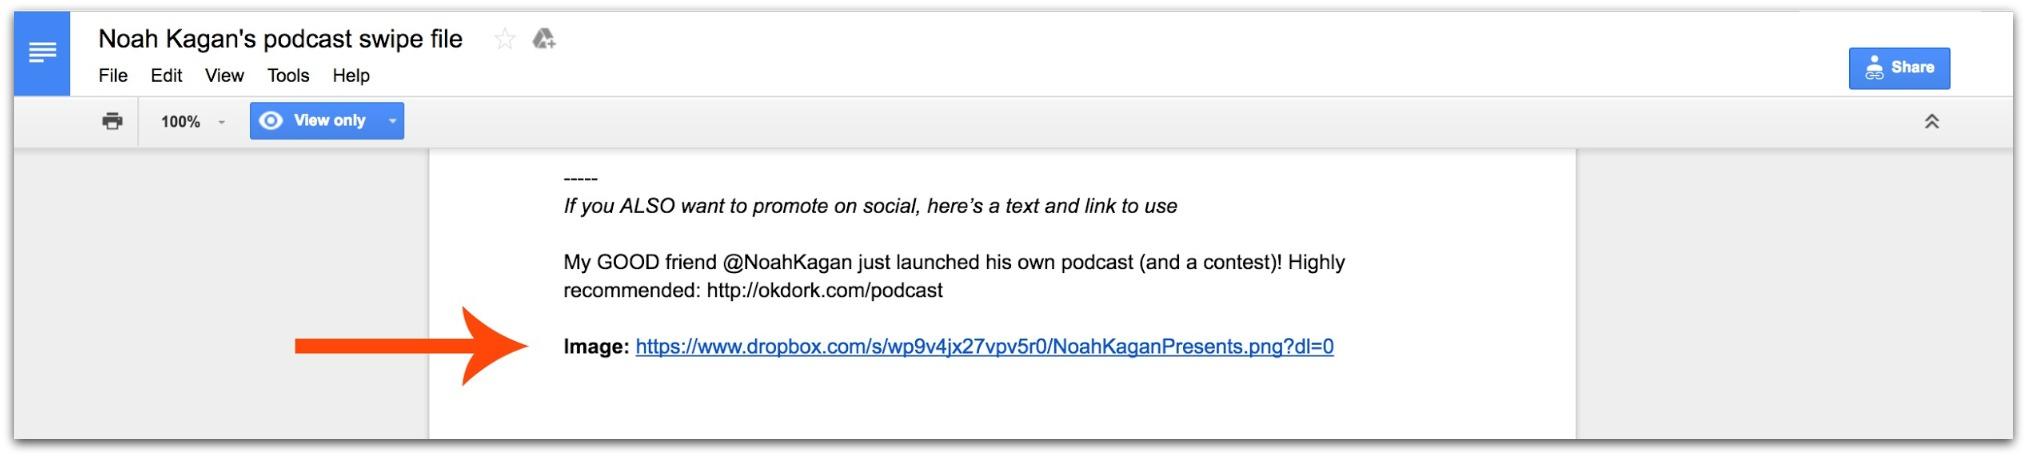 podcast swipe file